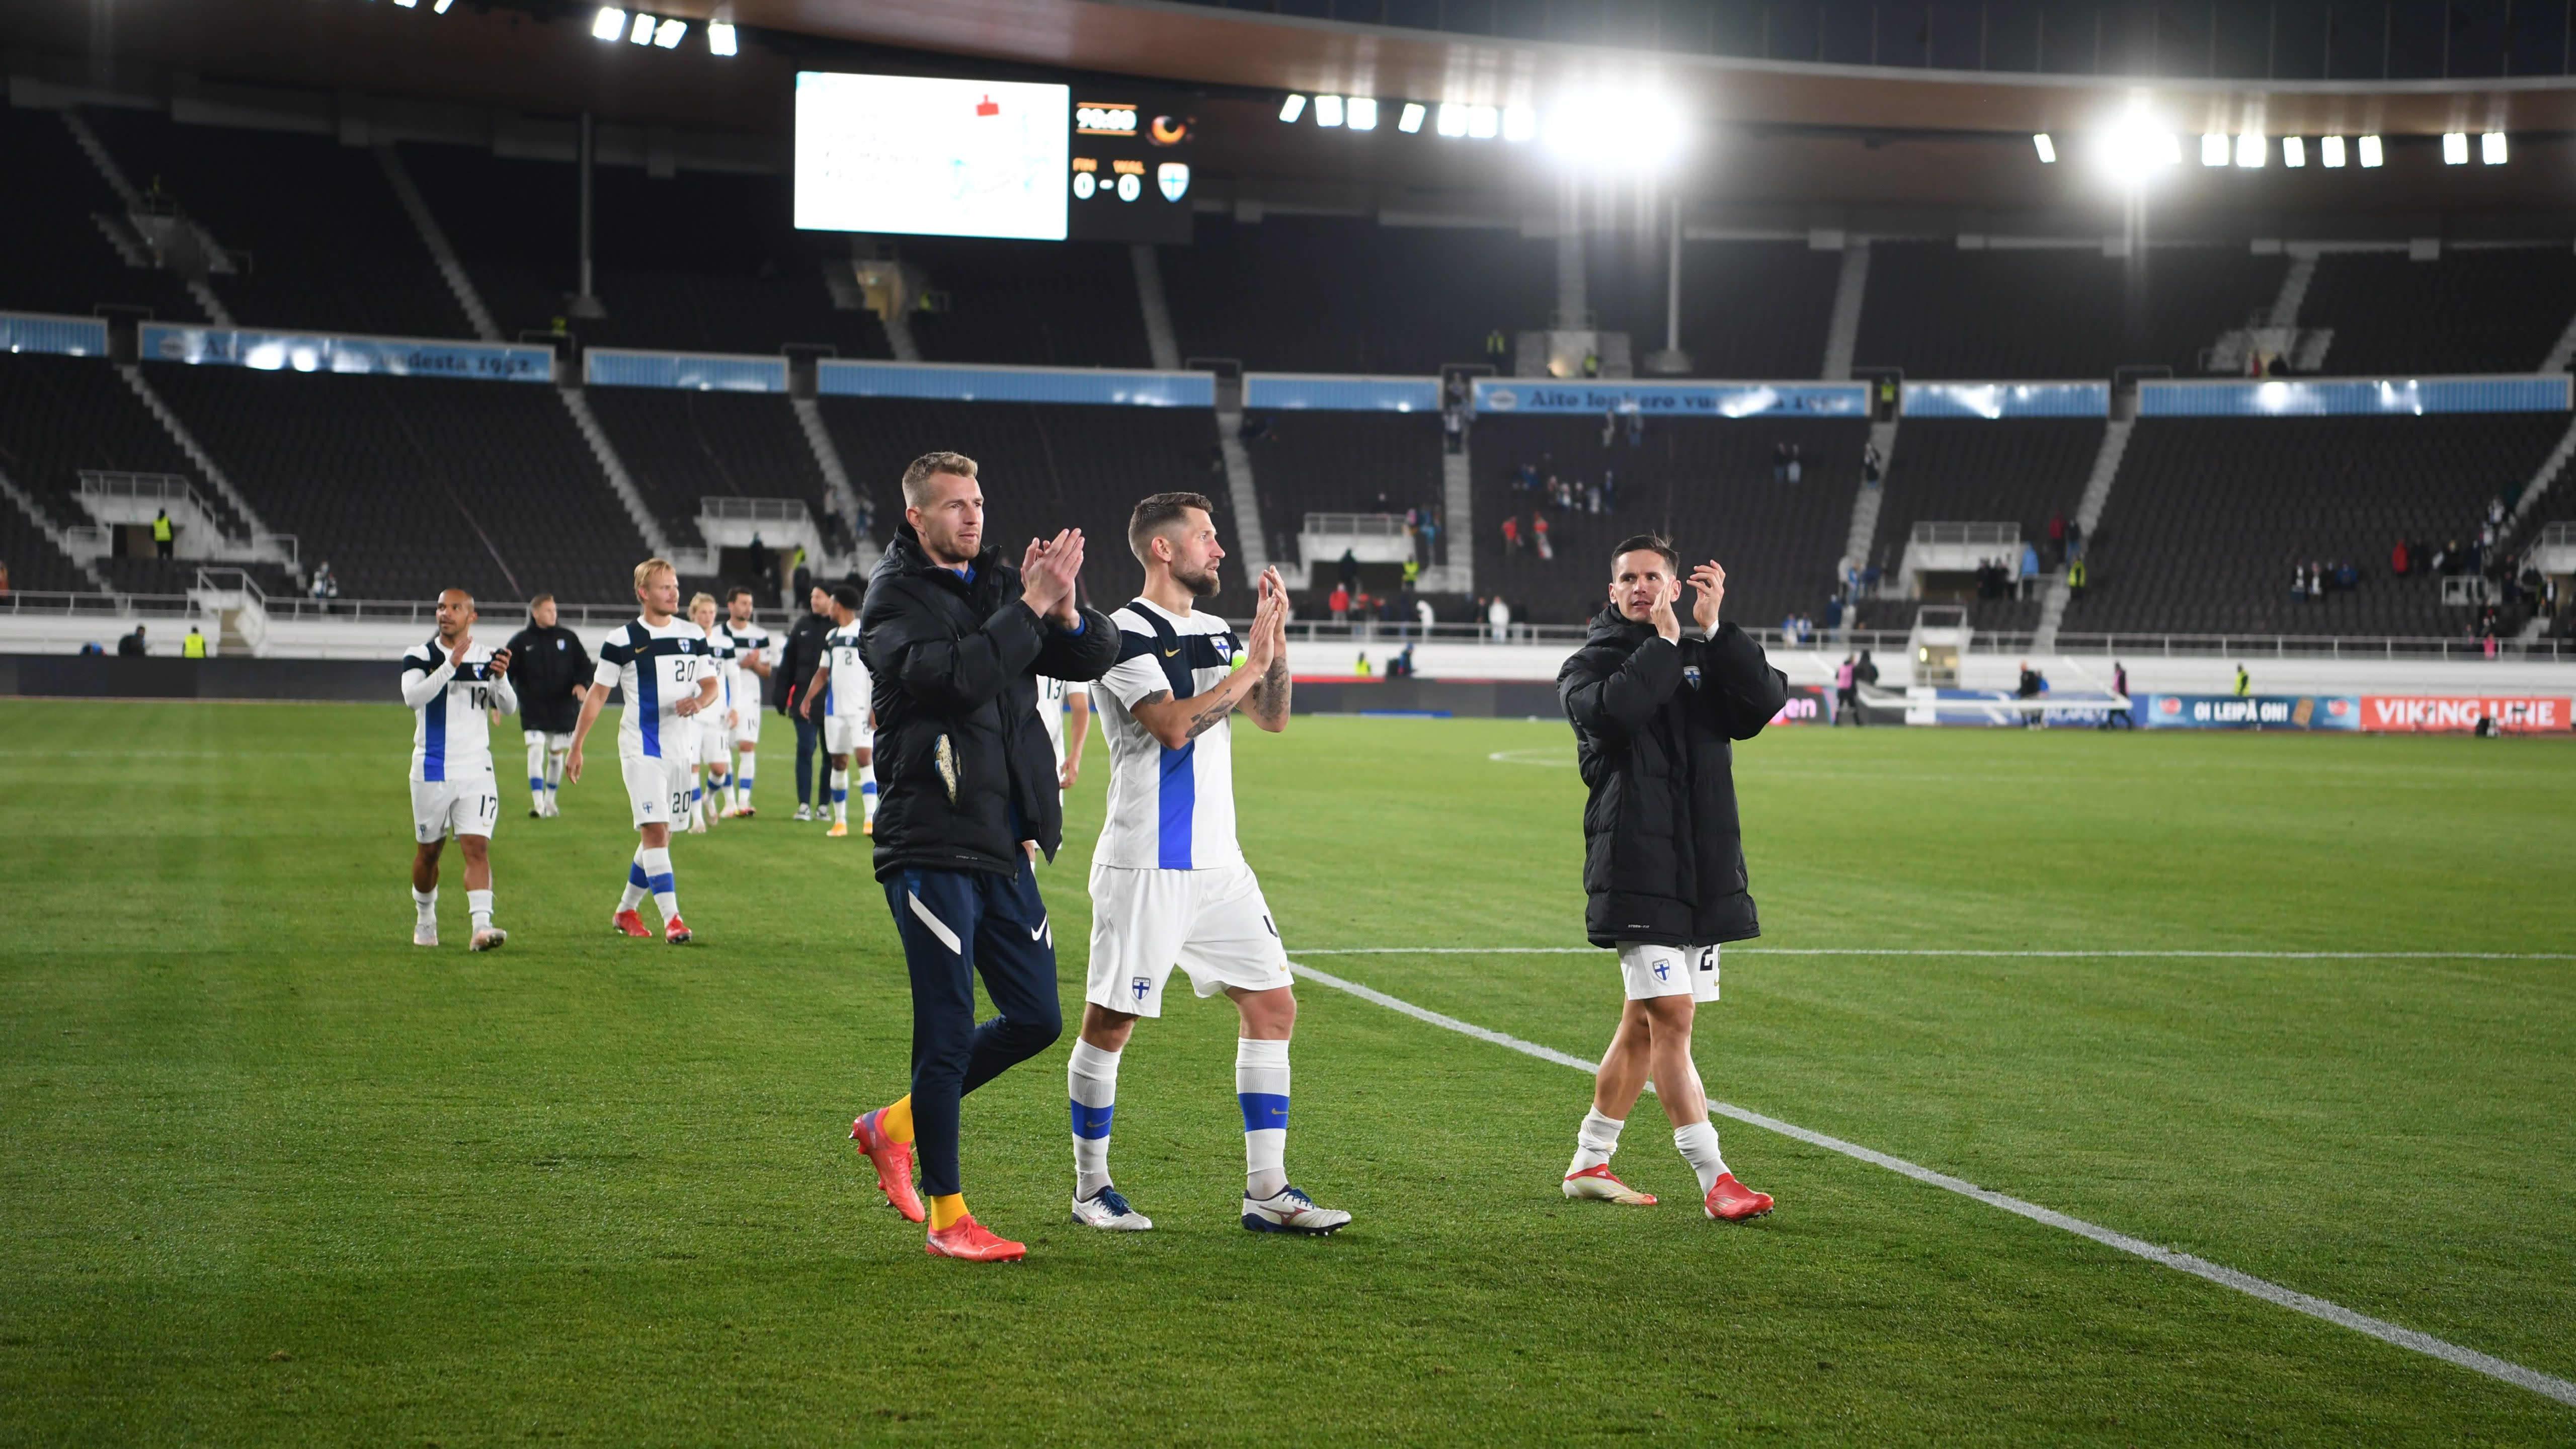 Huuhkajat kiittelevät kannattajia Kazakstan ottelun jälkeen Helsingin Olympiastadionilla.